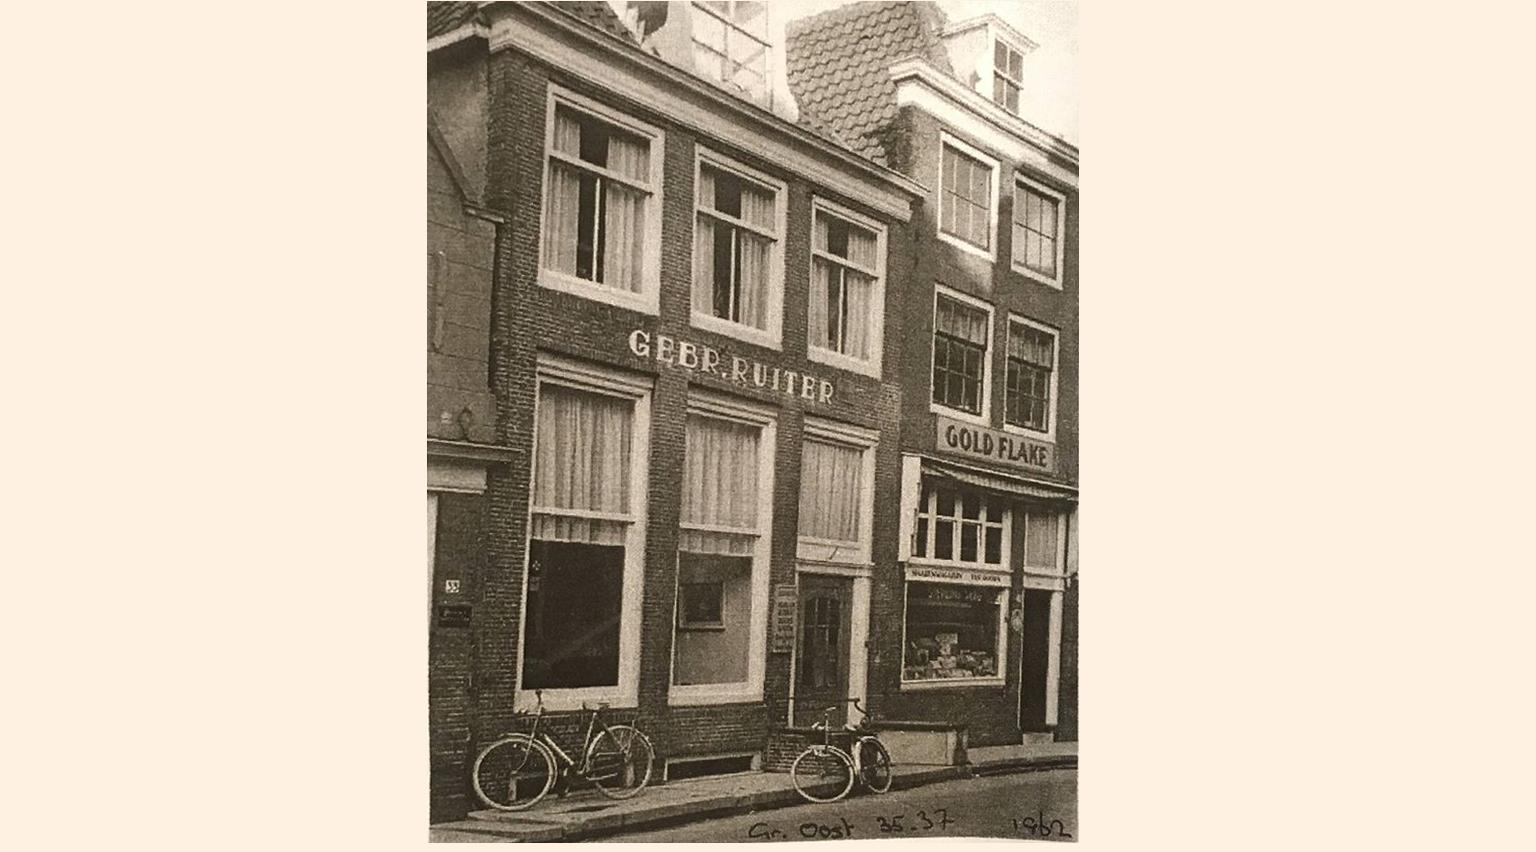 Hoorn Huizen Straten en Mensen van zondag 19 februari 2017